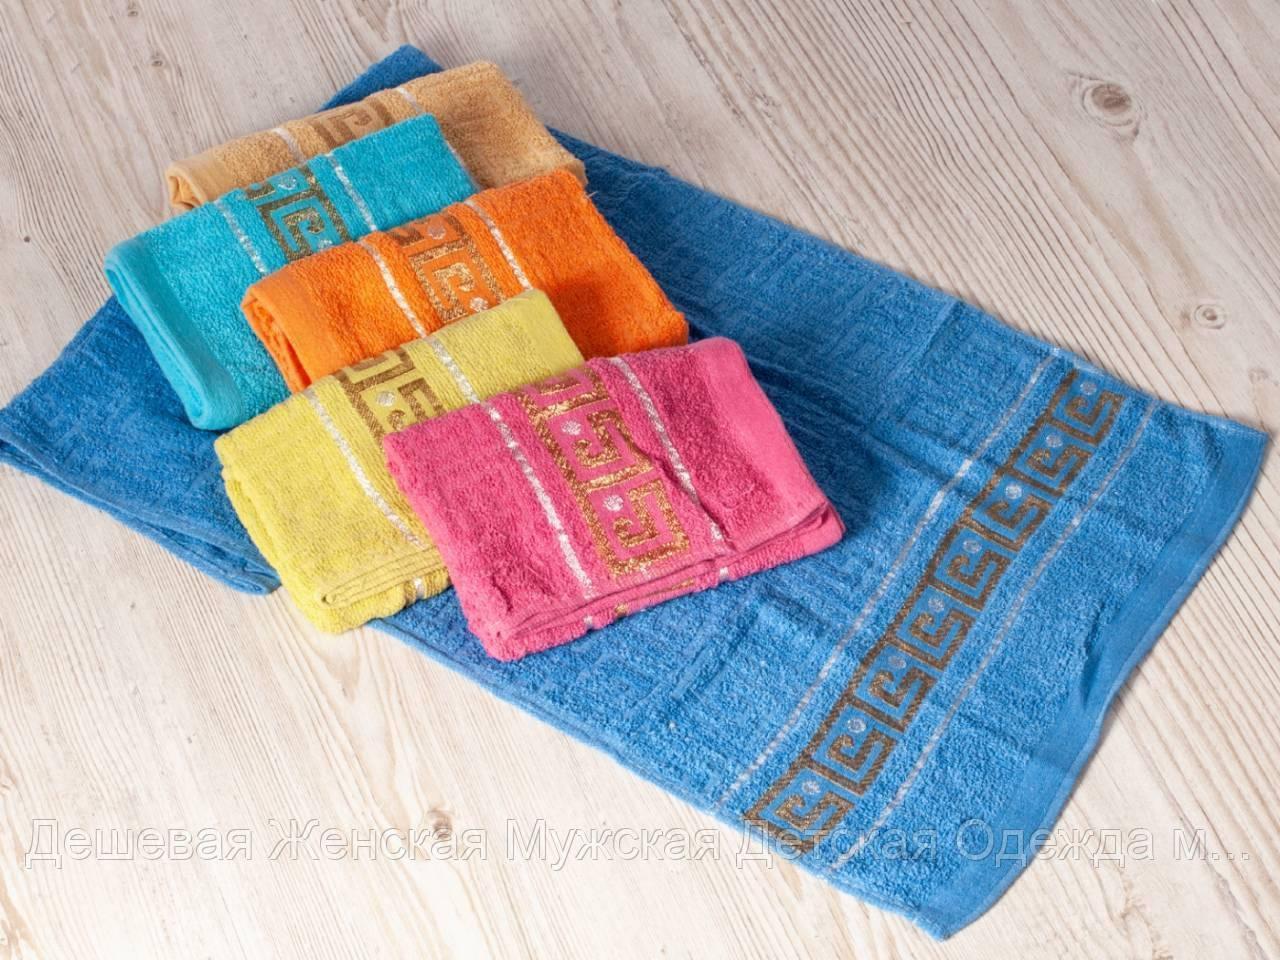 Рушник махровий з візерунком для особи. В упаковці 6шт різного кольору. Розмір 90х45